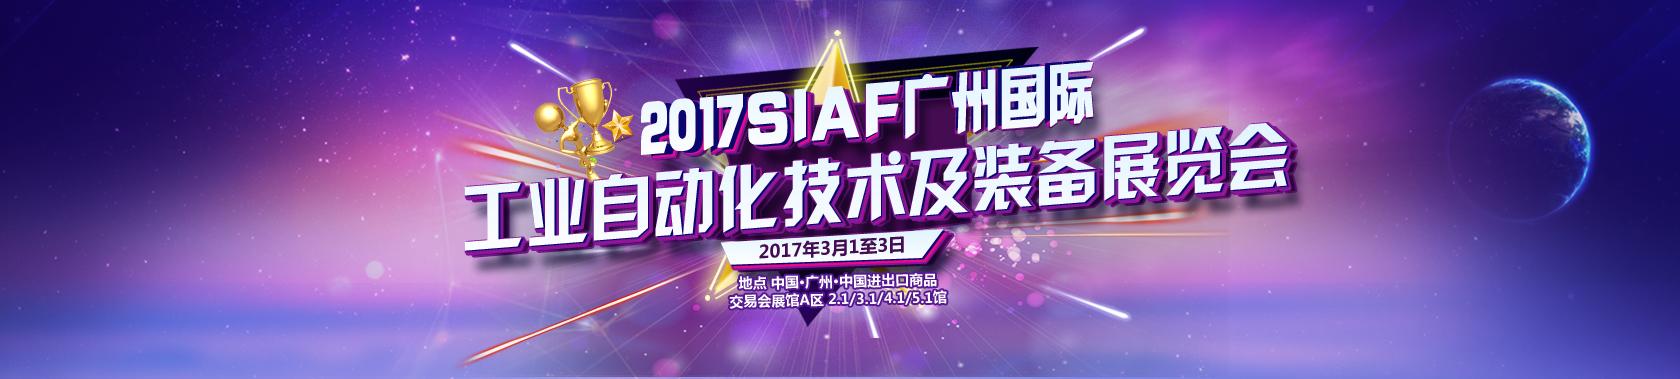 2017广州国际工业自动化展SIAF